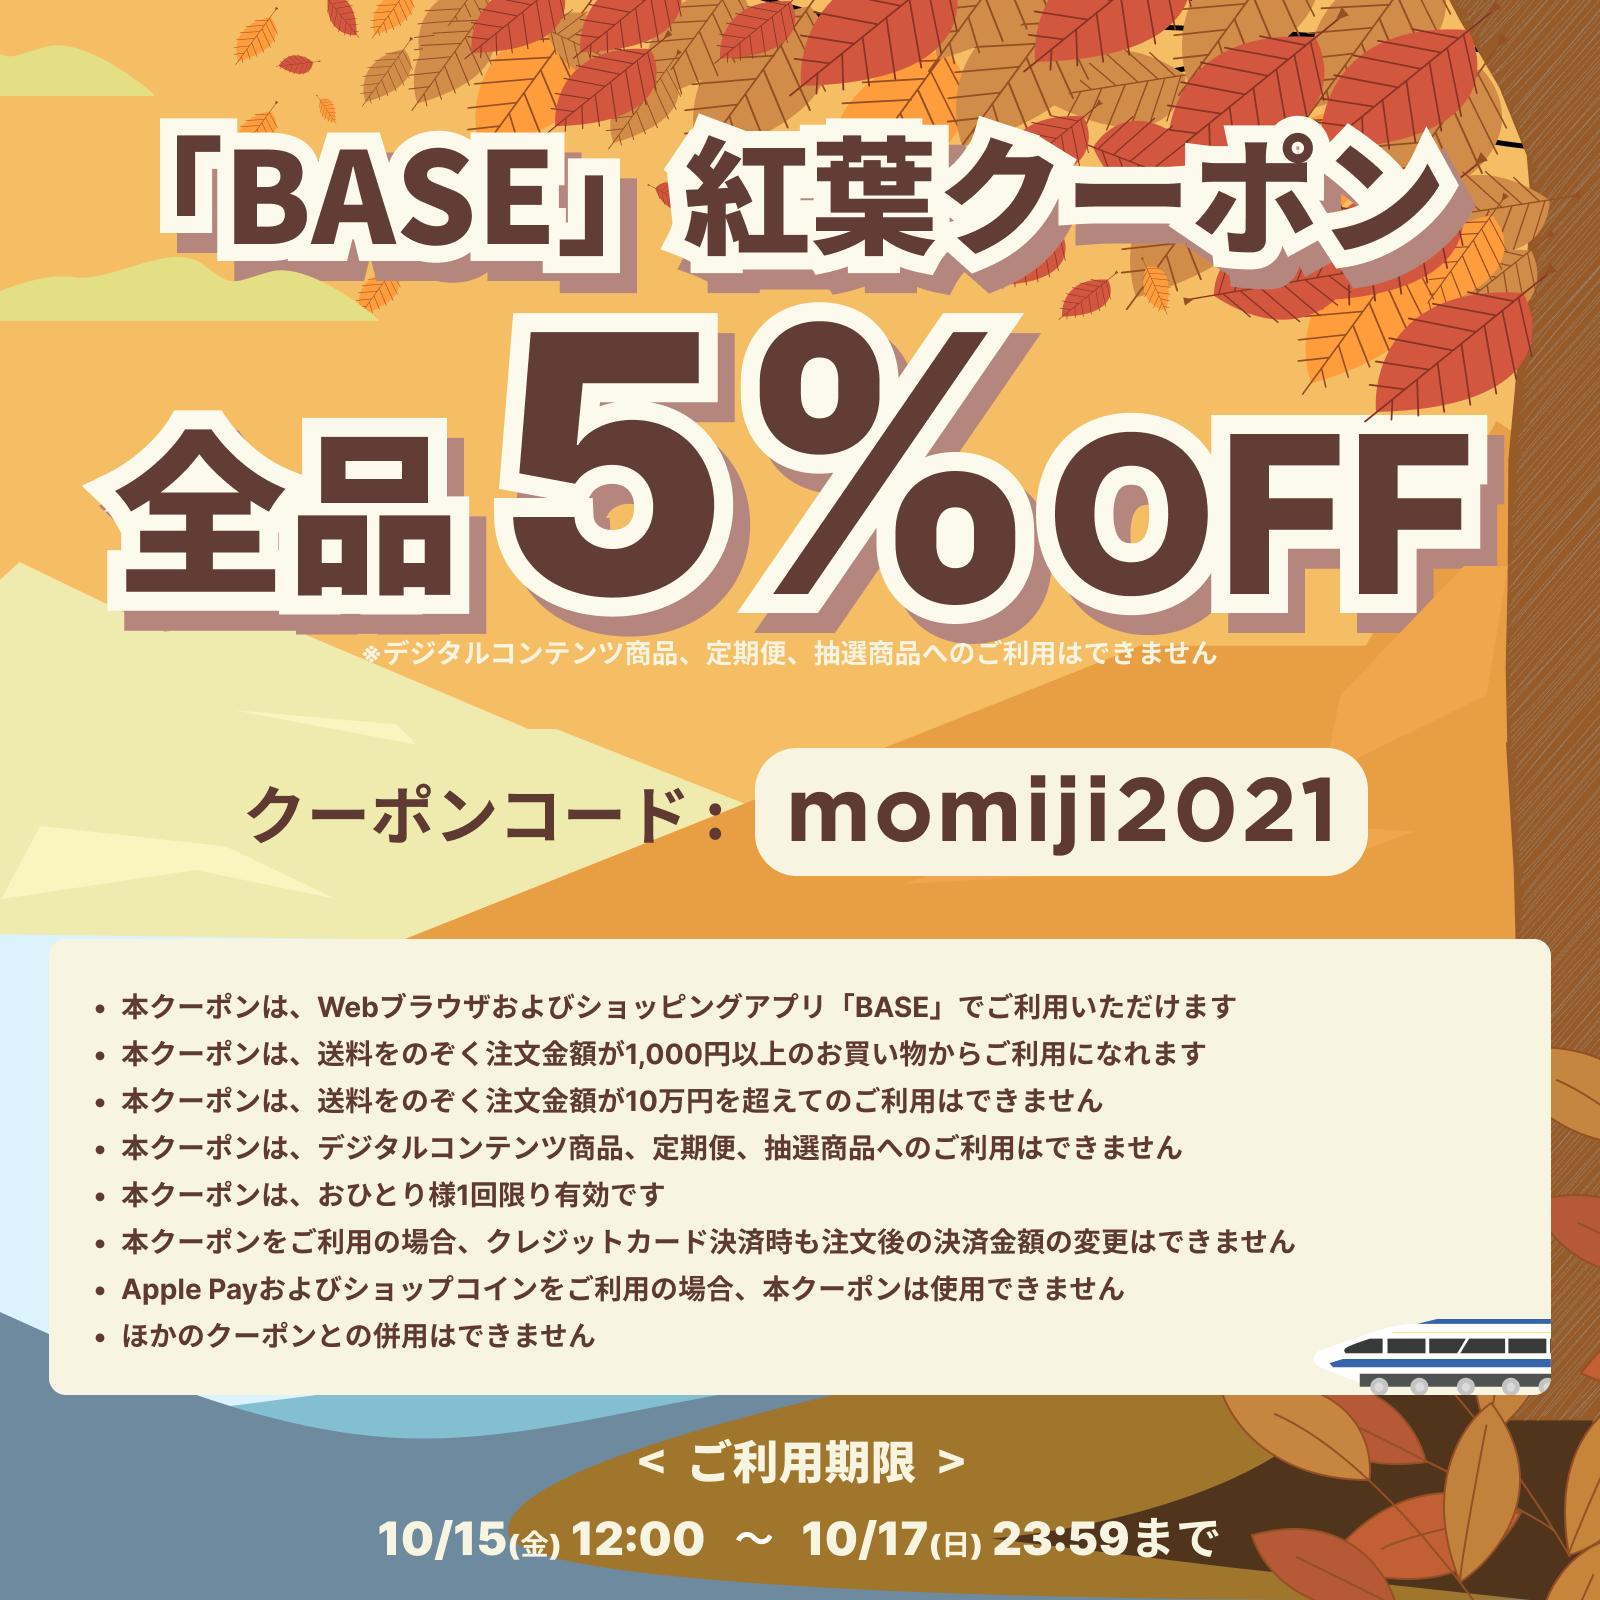 【10/15~10/17 期間限定】 「BASE」紅葉クーポンキャンペーン・お得な5%OFF